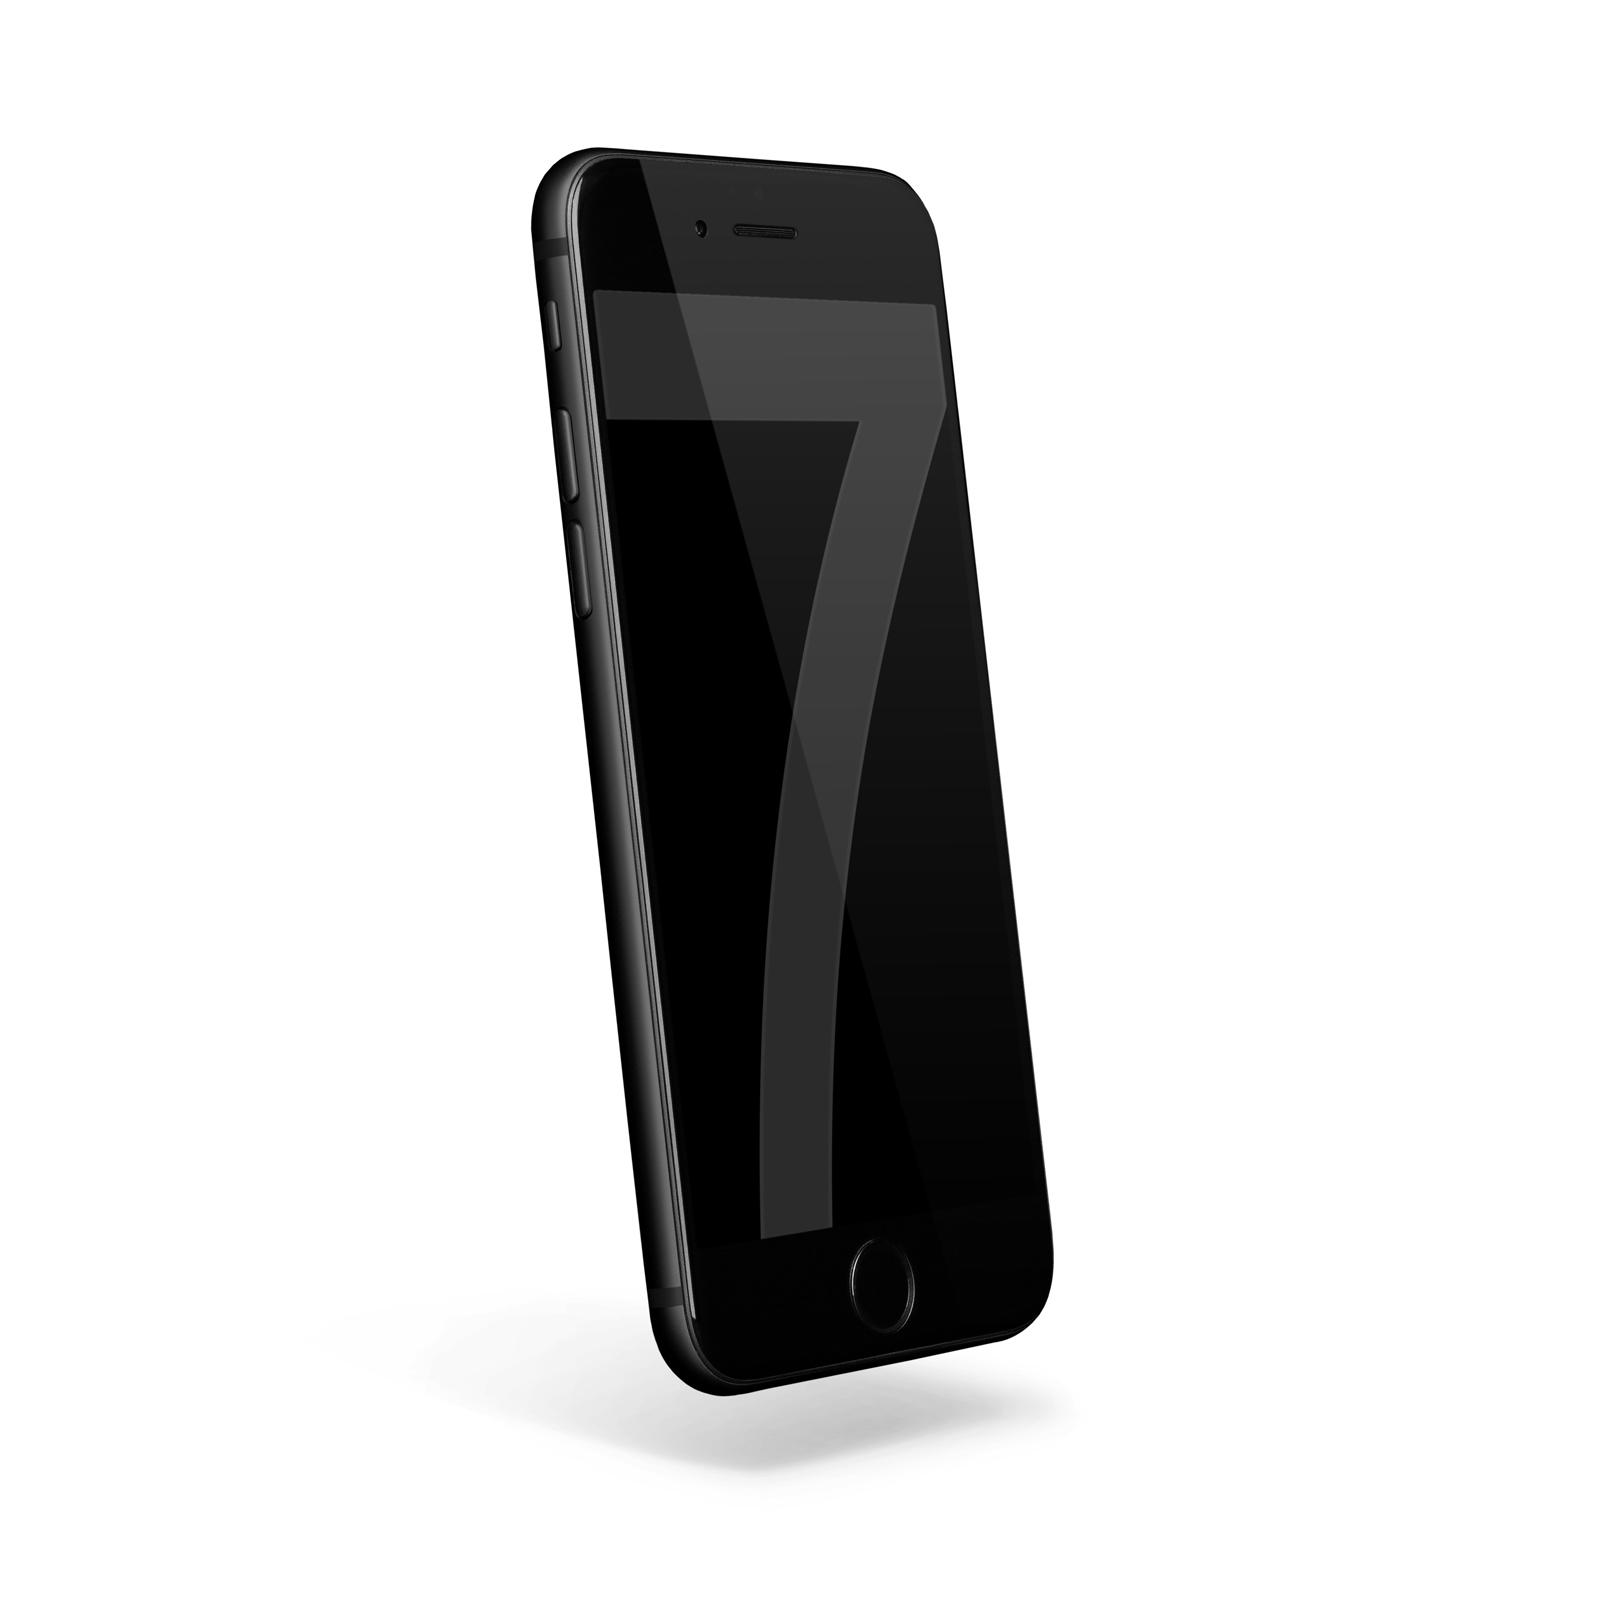 apple iphone 7 128gb mattschwarz wie neu smartphone ohne. Black Bedroom Furniture Sets. Home Design Ideas